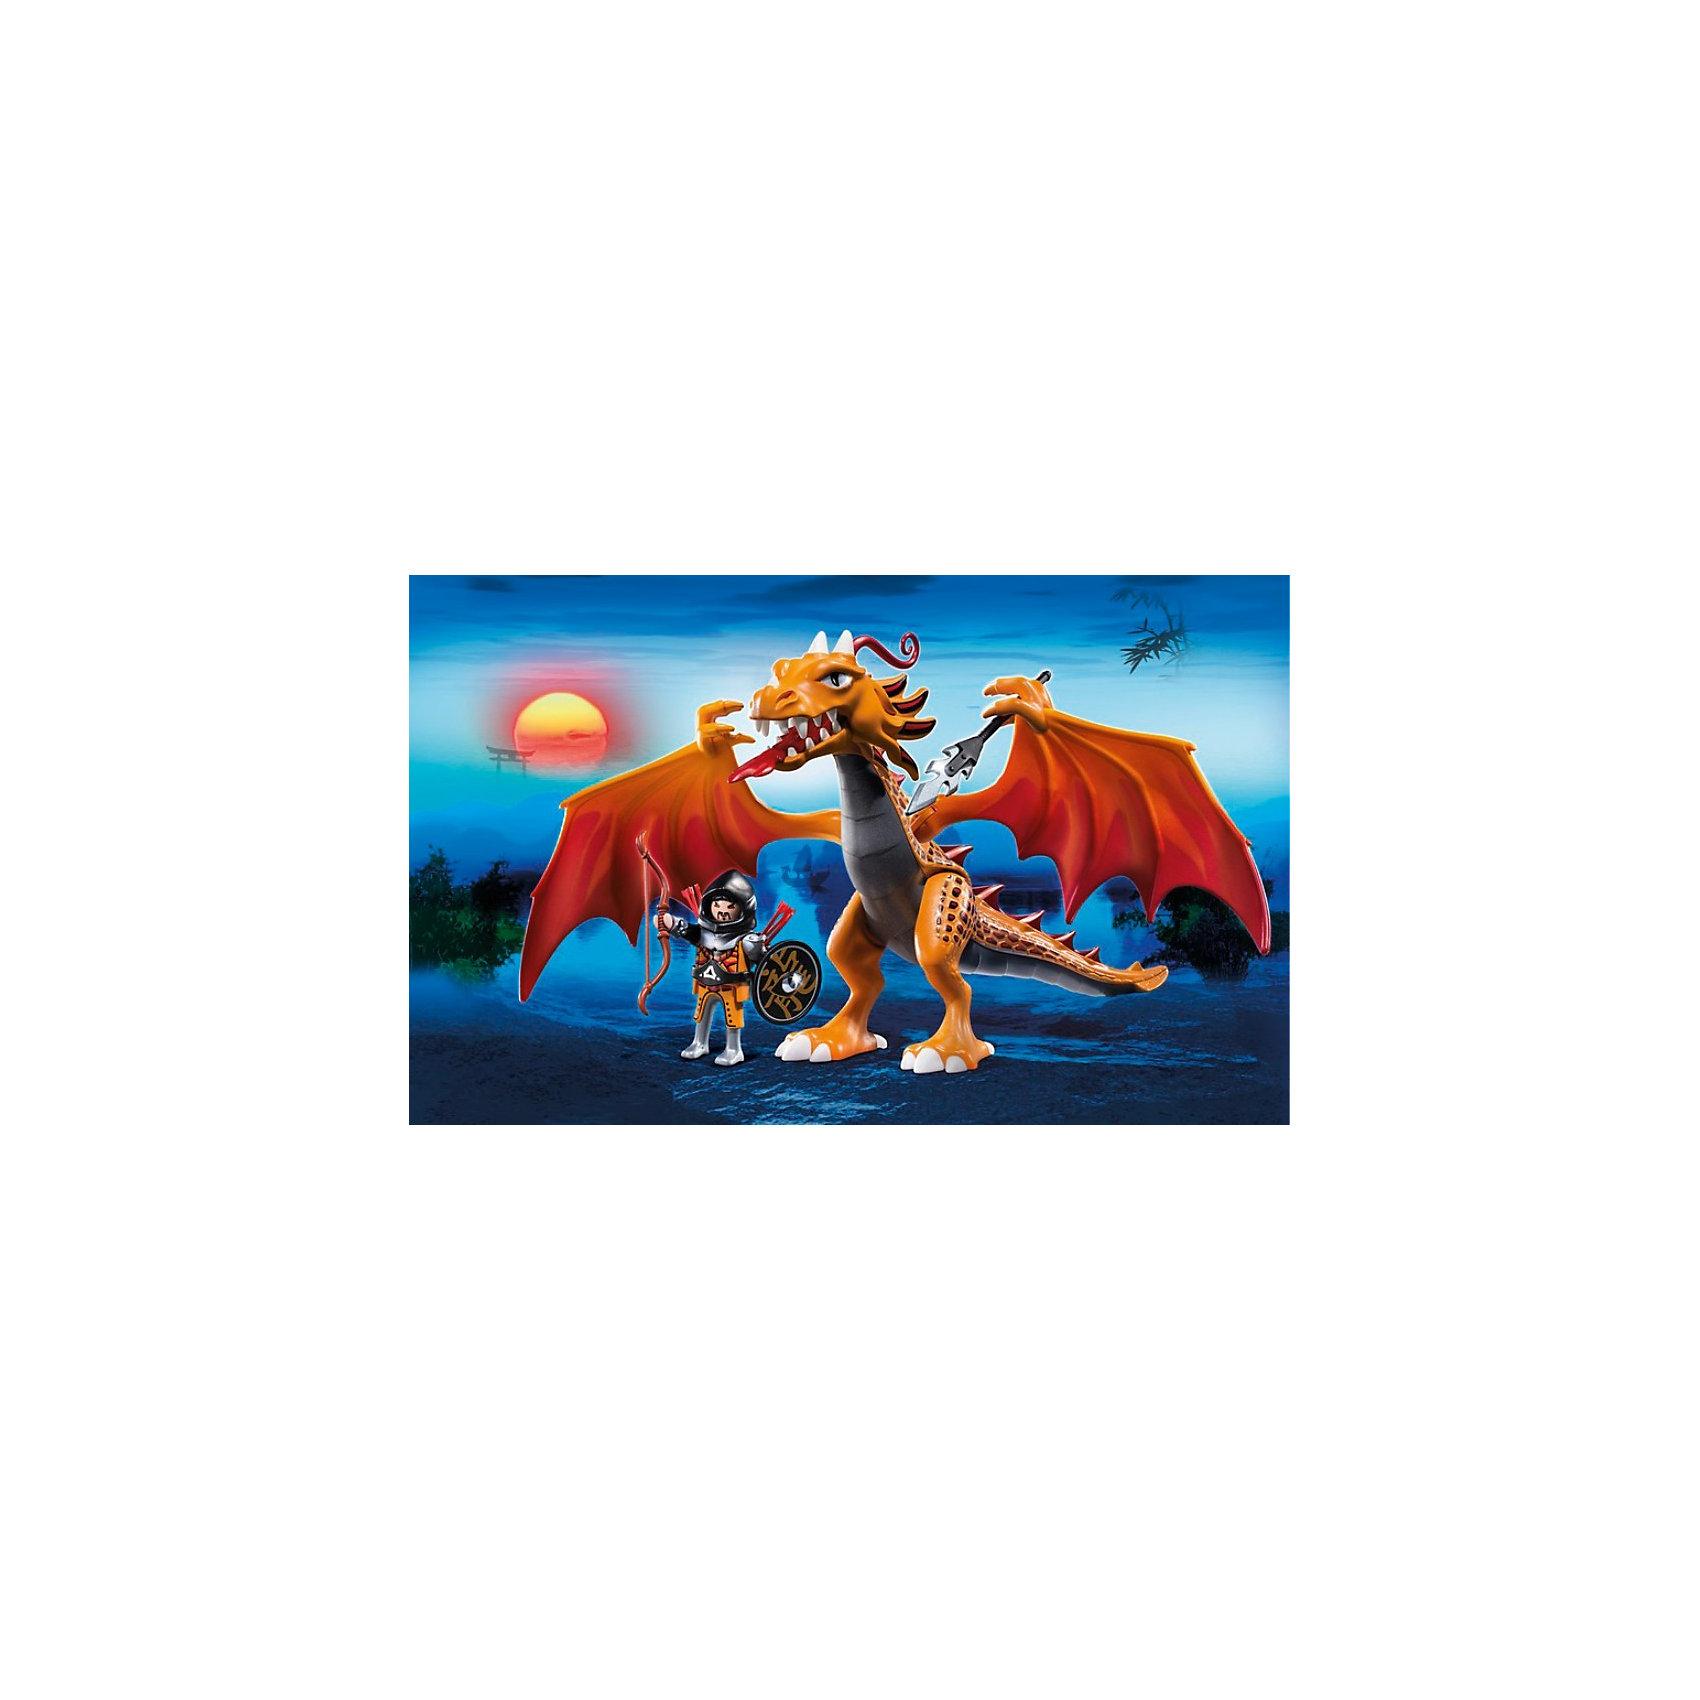 PLAYMOBIL 5483 Азиатский дракон: Огненный драконPlaymobil (Плэймобил) 5483 - поражающий воображения игровой набор с элементами конструктора. В наборе Playmobil (Плэймобил) 5483 представлены большой устрашающий дракон, с подвижными крыльями и лапами, которыми он может держит оружие, и храбрый воин с оружием, который обязан победить огнедышащее чудовище.  Воин может оседлать дракона и он будет крепко держаться, упираясь ногами в крылья. Игровой набор с элементами конструктора - идеальный вариант для игр уже подросшего ребенка, он может разыгрывать различные истории, подсмотренные в фильмах или придумывать их сам.<br>Дай волю фантазии!  <br><br>Дополнительная информация:<br><br>- В комплекте: большой дракон с крыльями, которые поднимаются и опускаются, воин в доспехах и с оружием;<br>- Материал: пластик;<br>- Размер упаковки: 35 х 10 х 25 см;<br>- Вес с упаковкой: 400 г.<br><br>Азиатского дракона: Огненного дракона, PLAYMOBIL (Плеймобил) 5483 можно купить в нашем интернет-магазине.<br><br>Ширина мм: 350<br>Глубина мм: 250<br>Высота мм: 100<br>Вес г: 400<br>Возраст от месяцев: 60<br>Возраст до месяцев: 144<br>Пол: Мужской<br>Возраст: Детский<br>SKU: 3557220